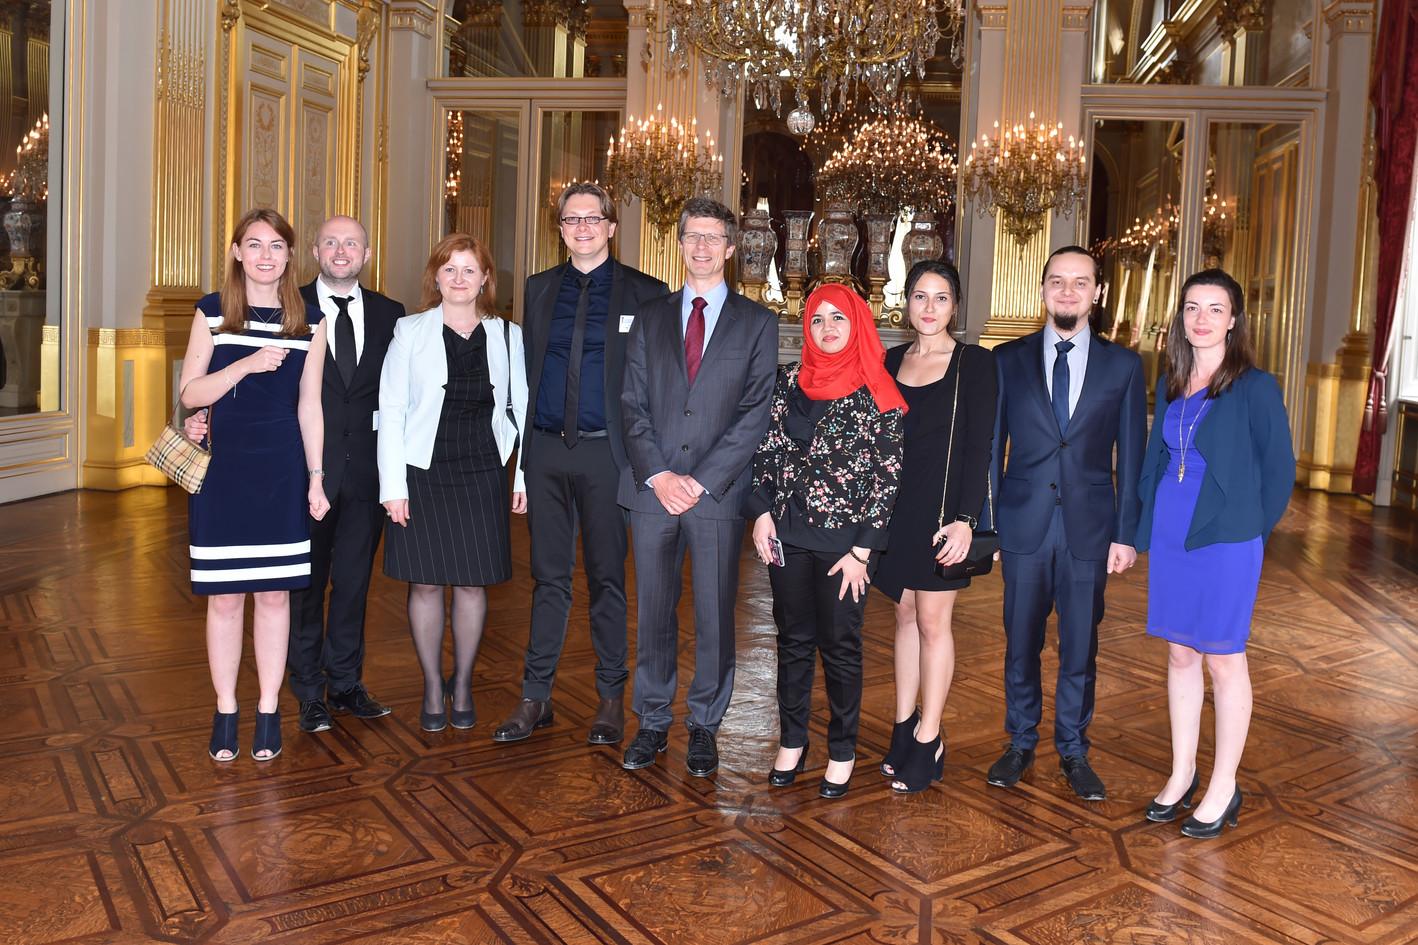 Peter receives award at the Royal Palace